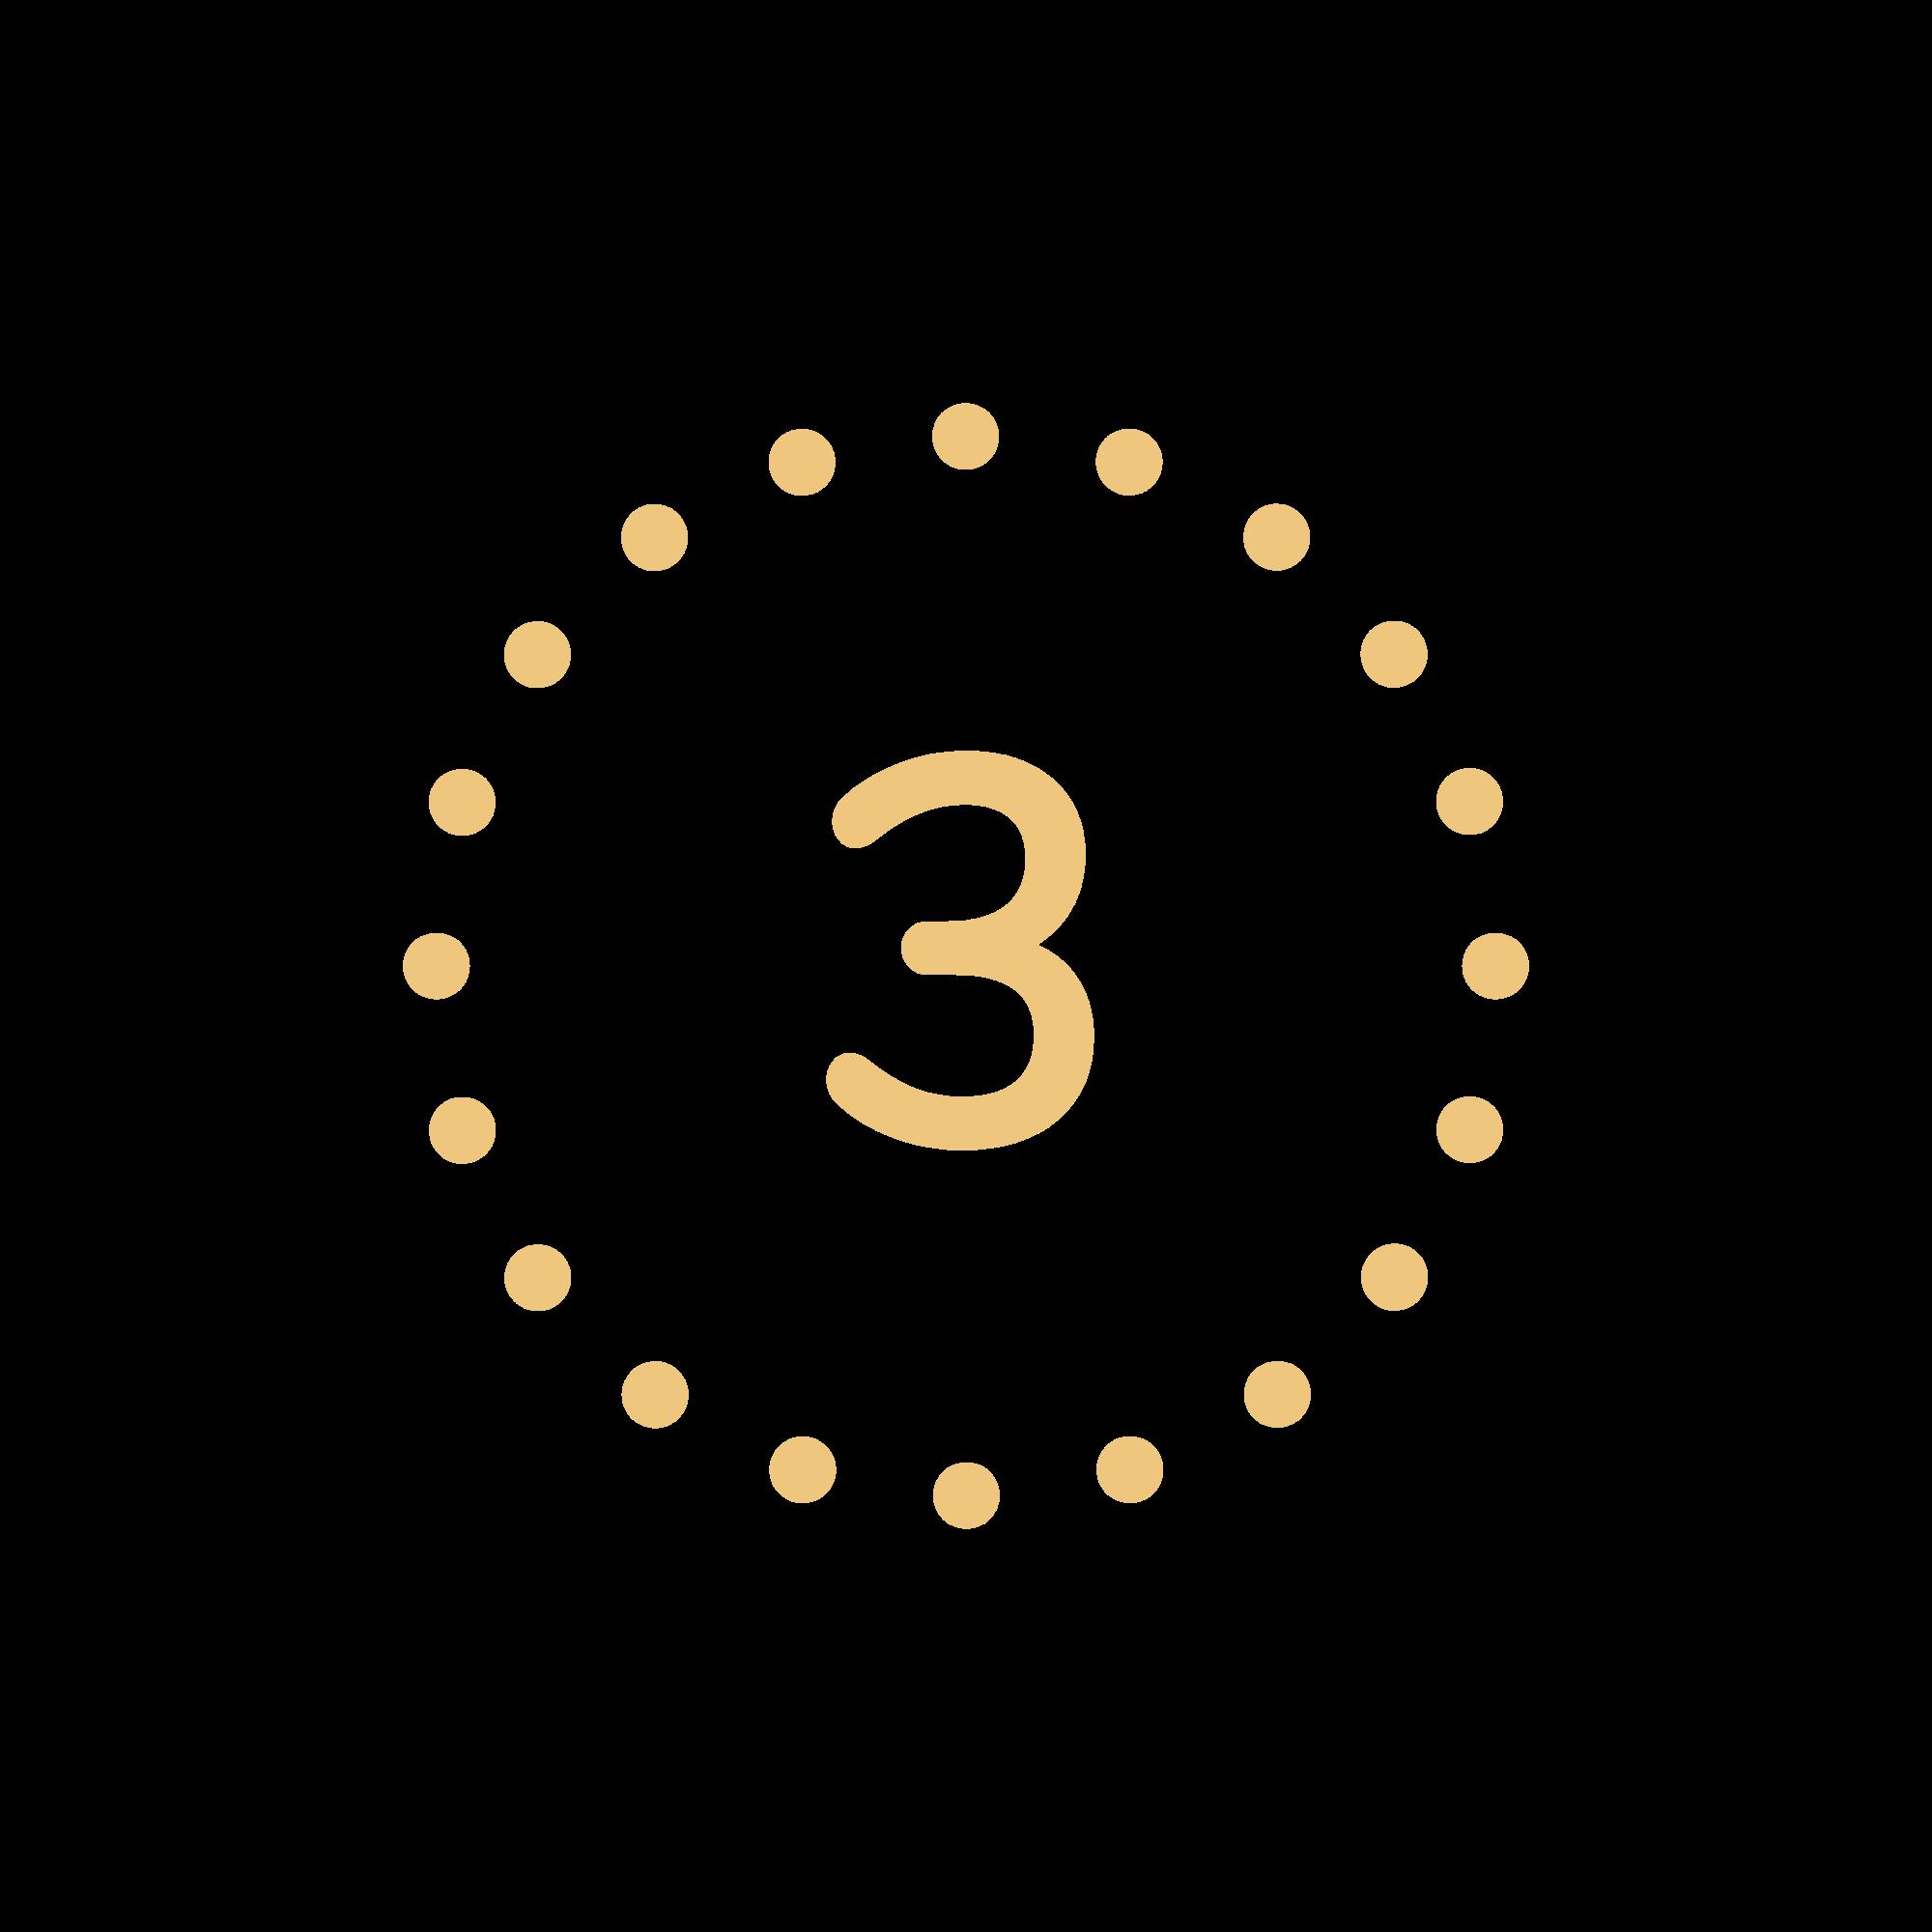 3-logo (2).png